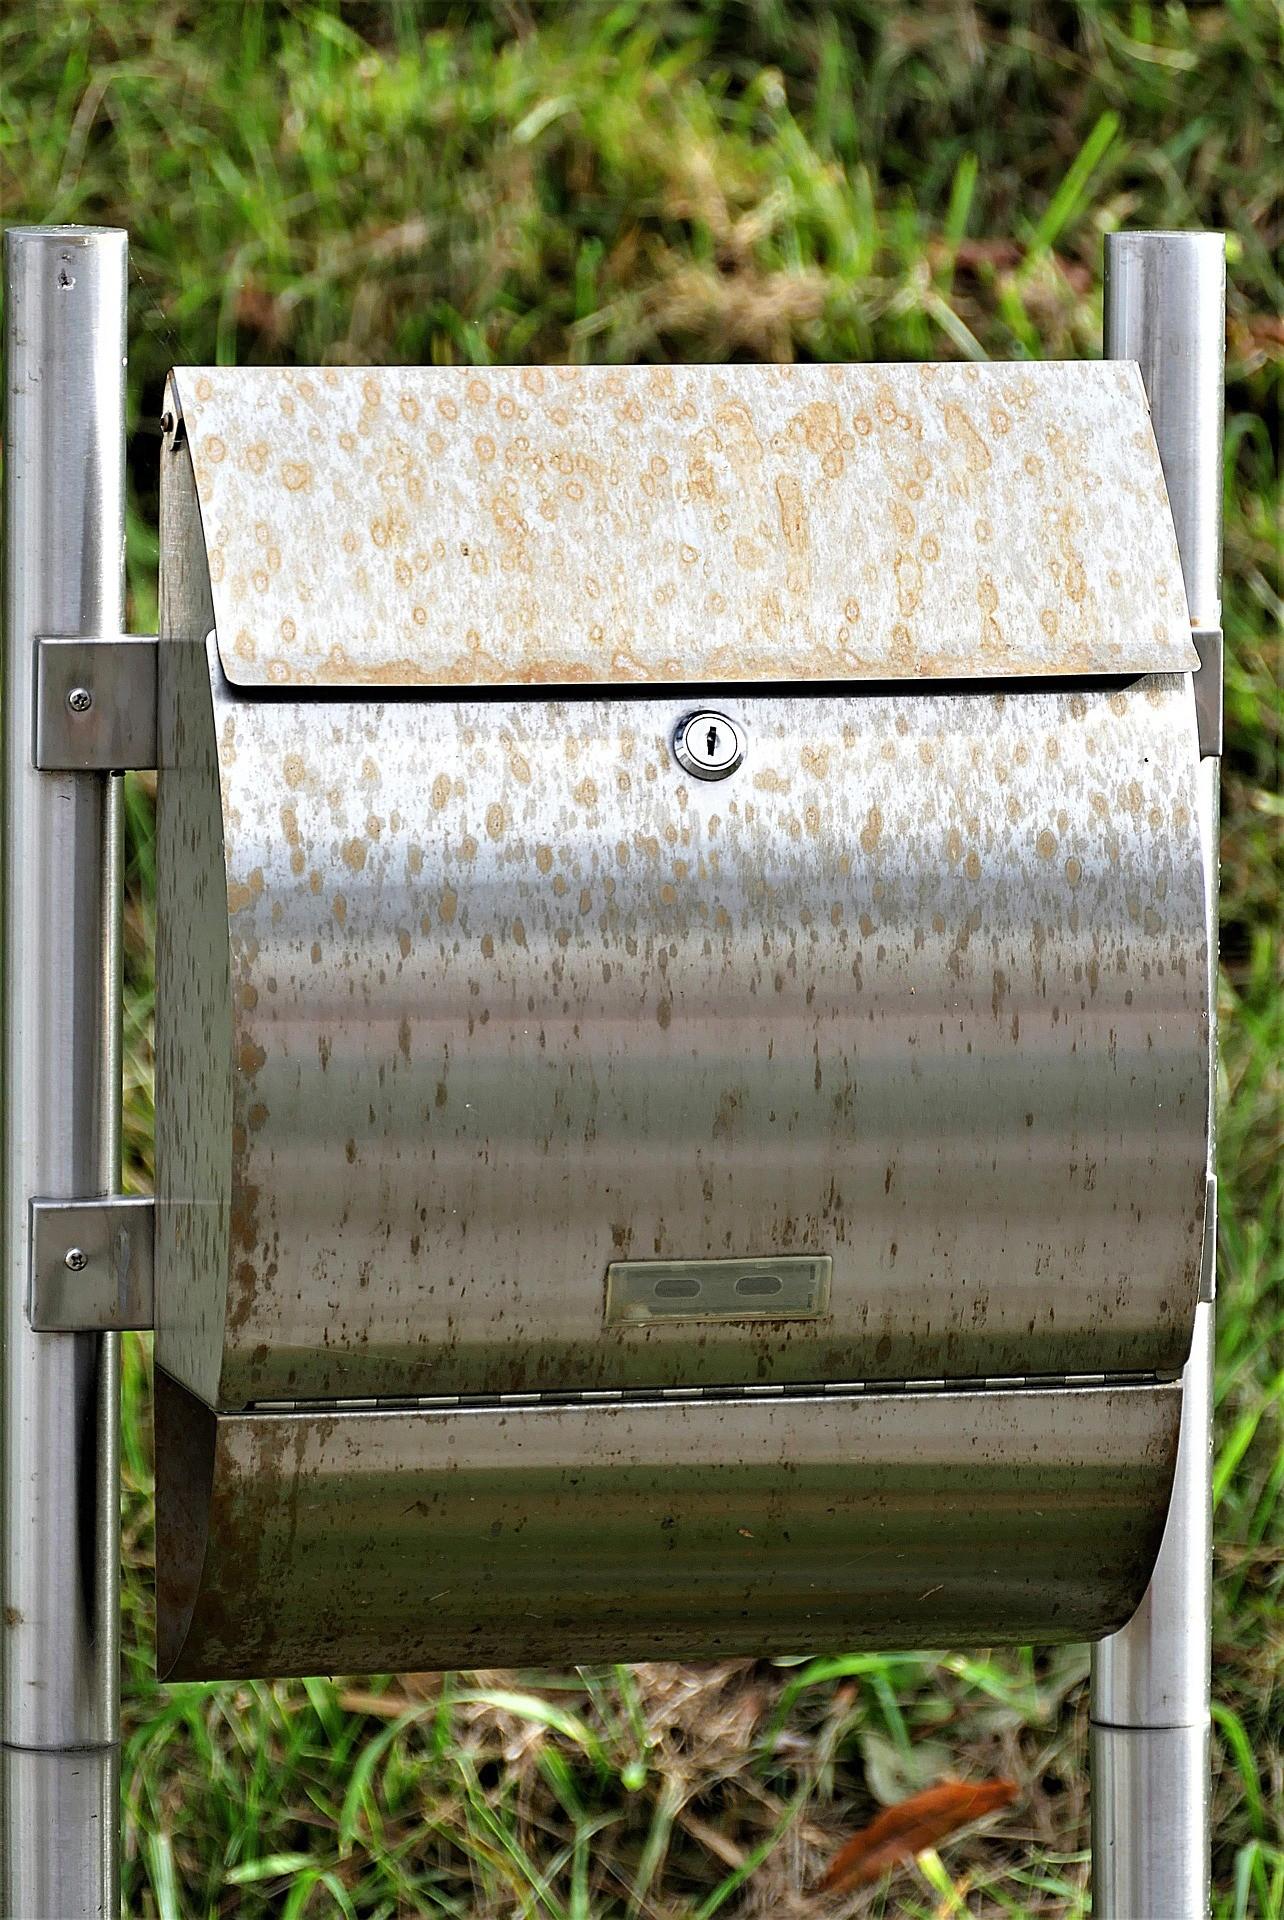 Edelstahl Briefkästen sind deutlich weniger anfällig für Korrosionsschäden, als günstigere Modelle aus Blech.